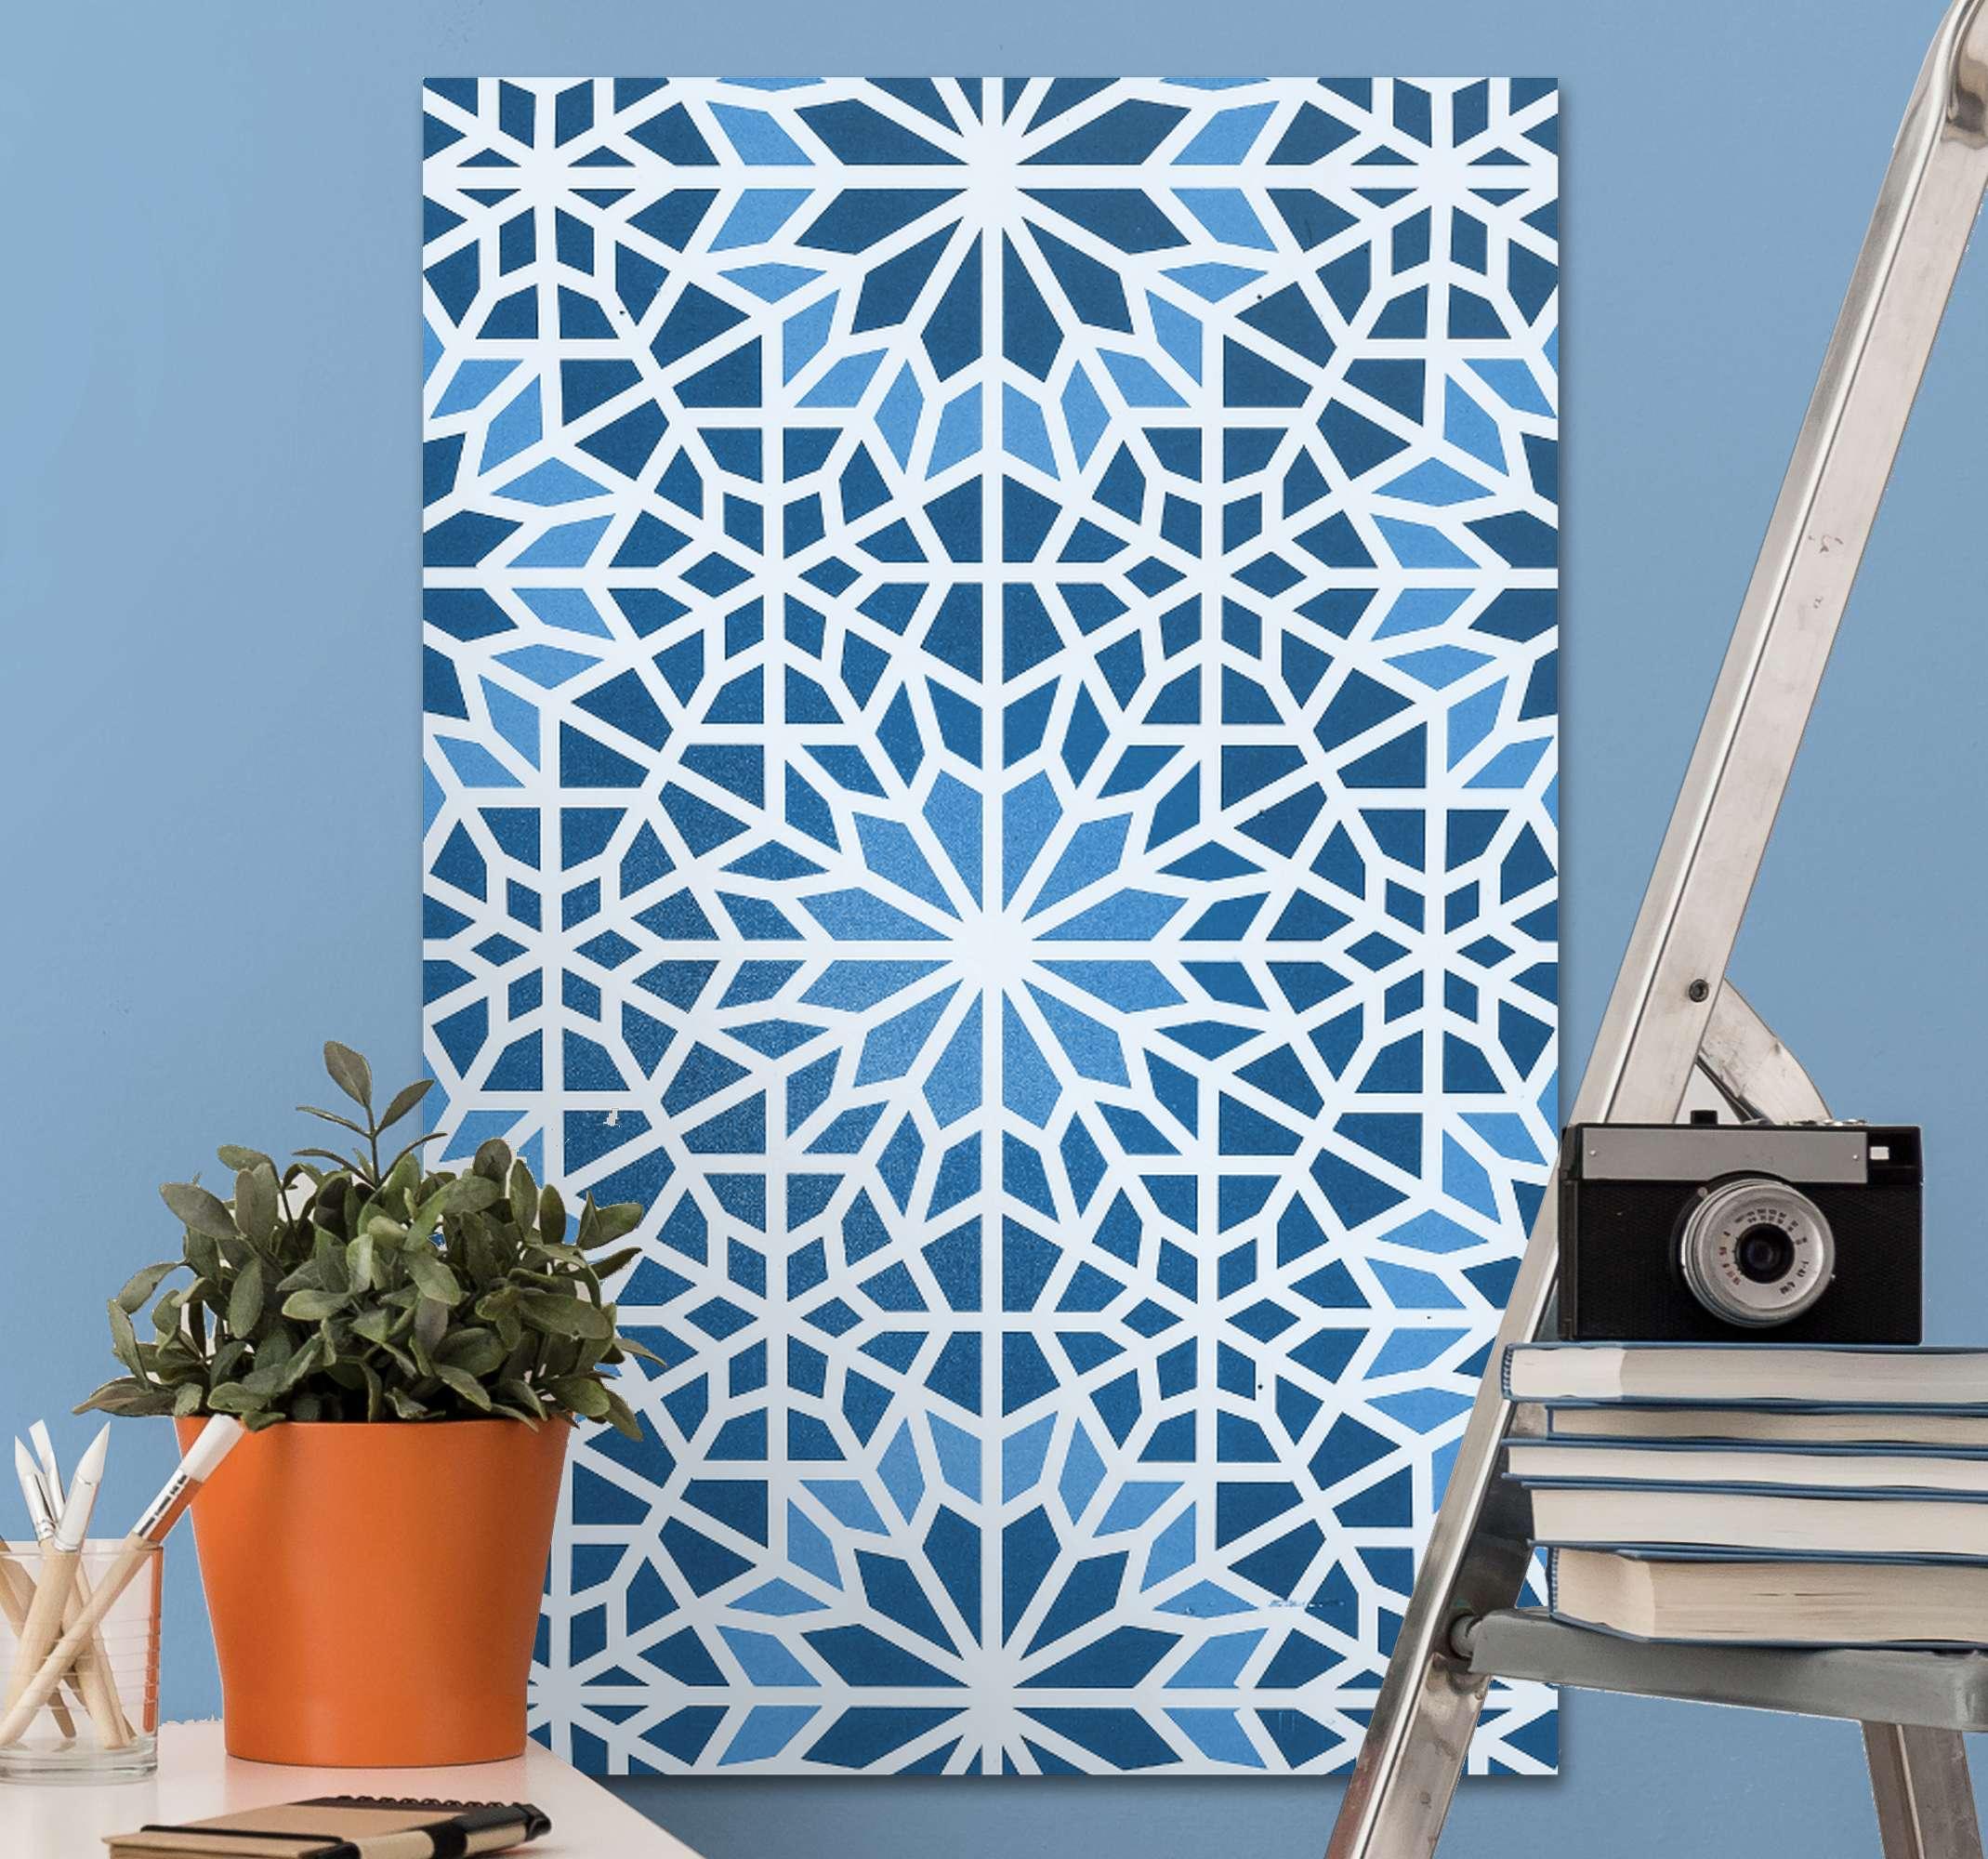 Tenstickers. Arabské modré mozaikové plátno. Toto domáce plátno je možné umiestniť na ktorúkoľvek časť domu. Urobte na toto plátno dojem svojim priateľom a príbuzným! Donáška domov!